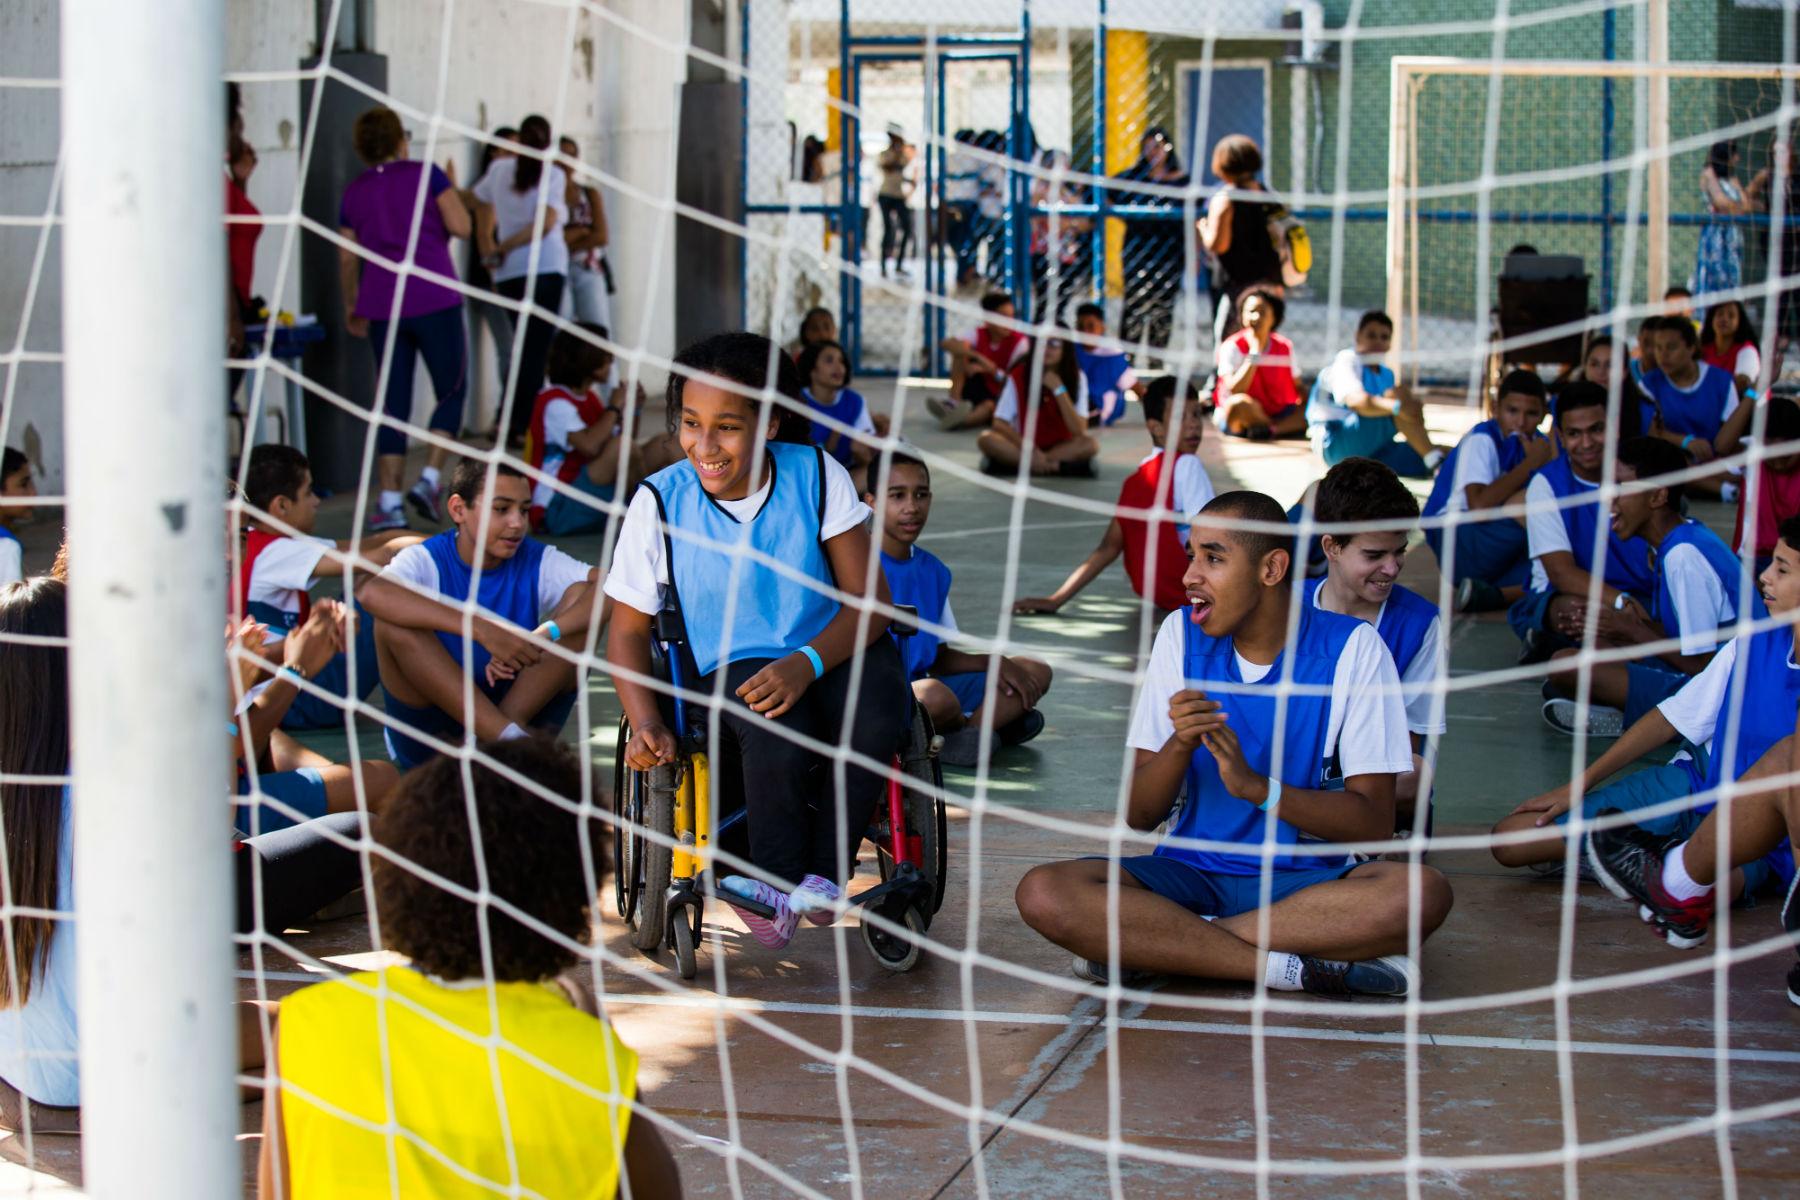 Estudantes realizam atividade em quadra esportiva. Os adolescentes estão sentados no chão. Uma garota em uma cadeira de rodas sorri no centro da cena.